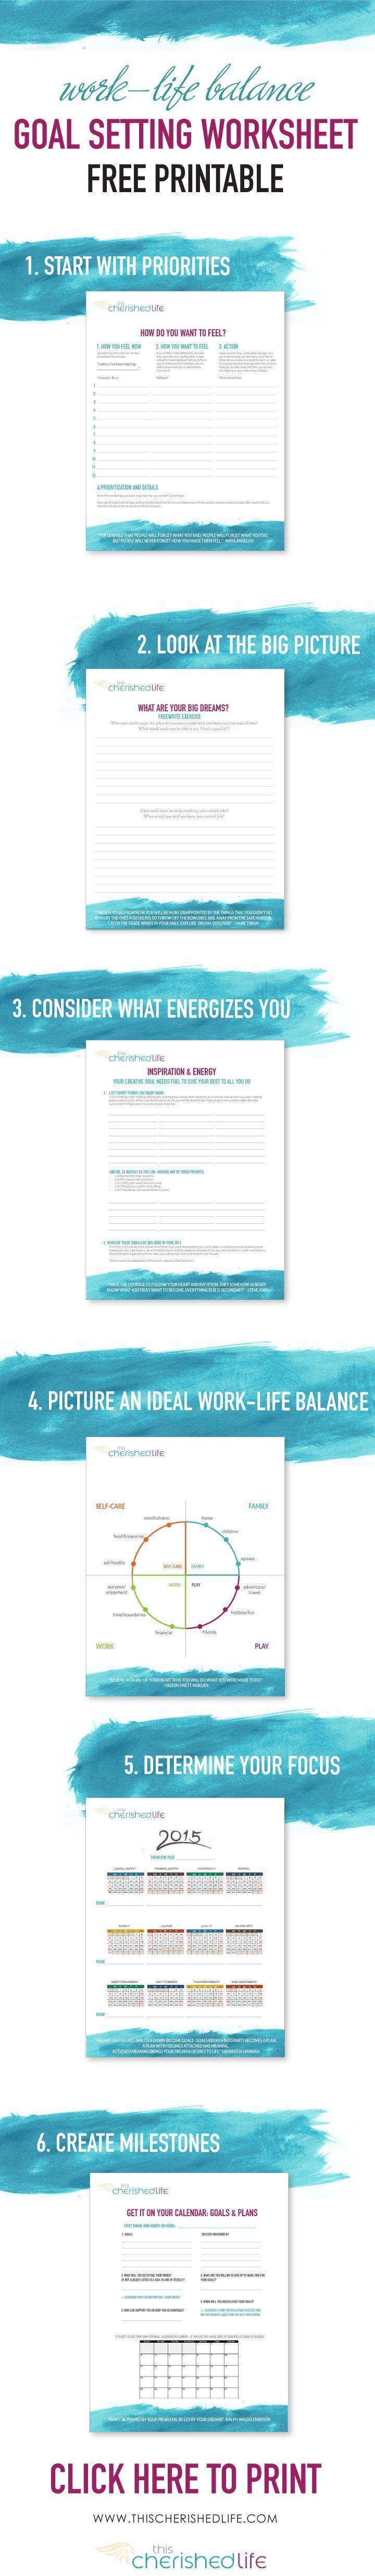 Goal Setting For 2015 Work Life Balance Goal Setting Life Balance